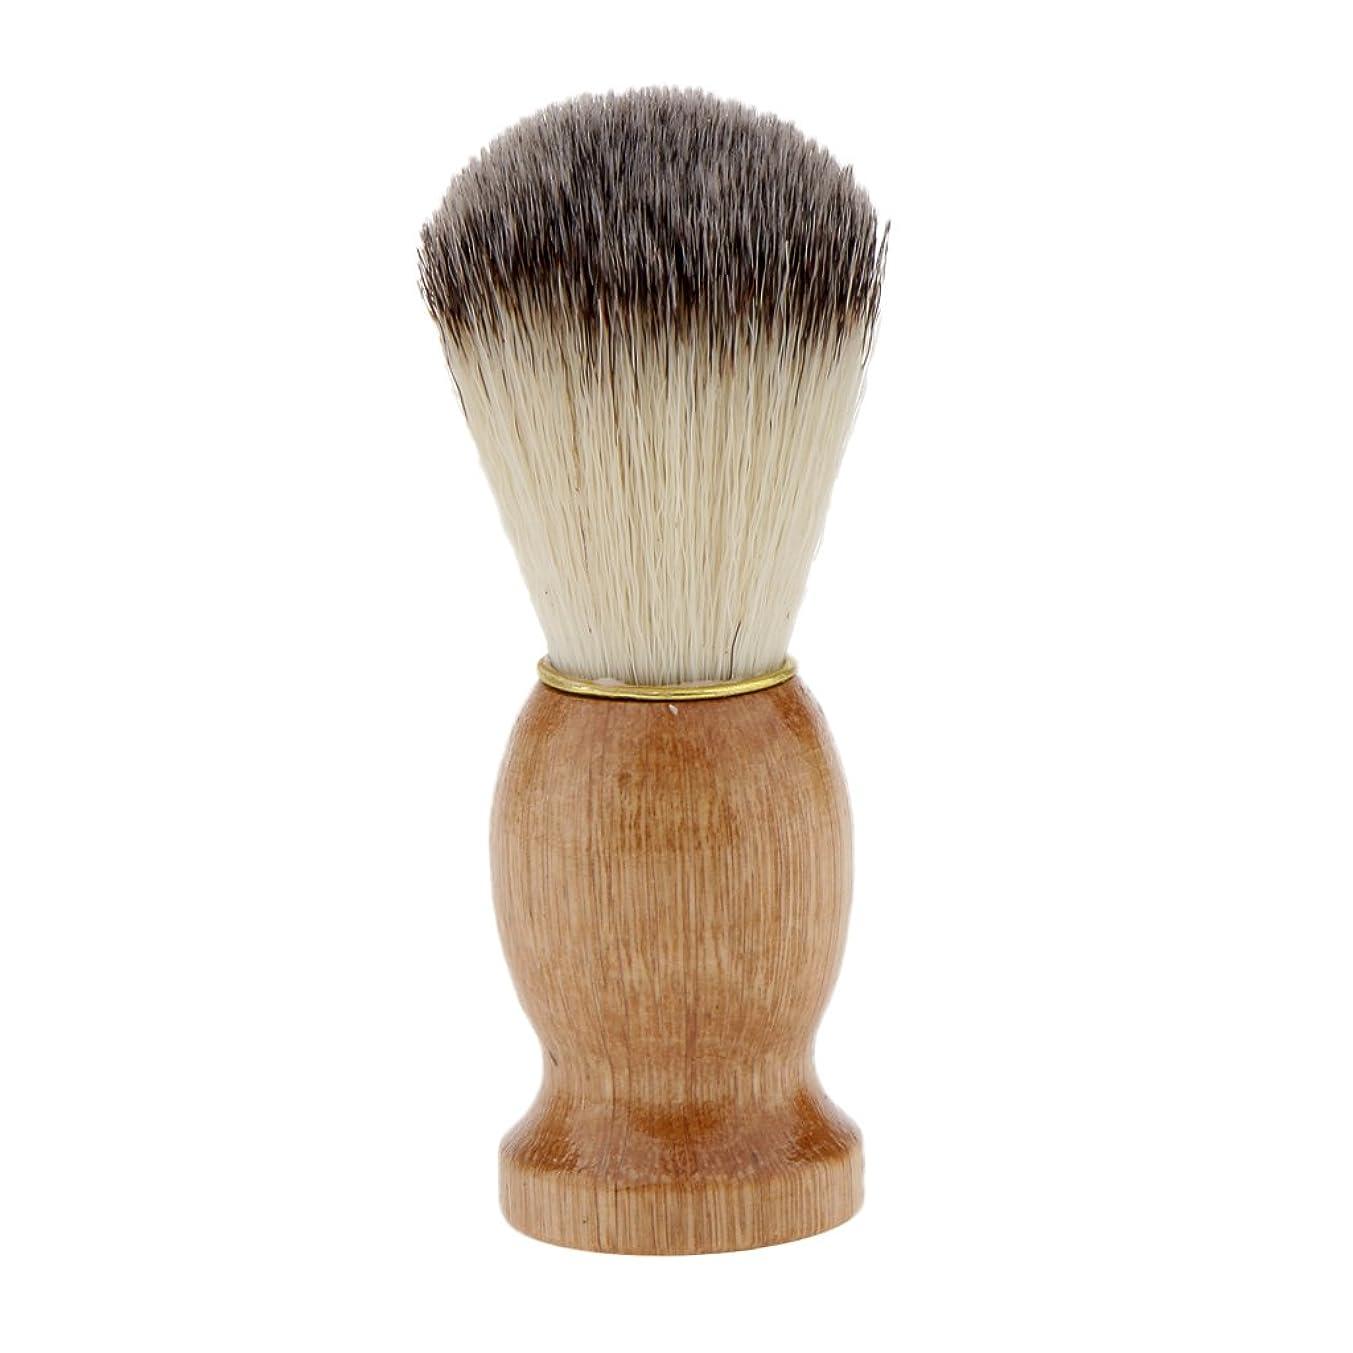 血まみれ気難しいマリンCUTICATE シェービングブラシ 理容師 シェービングブラシ ひげ剃りブラシ コスメブラシ 木製ハンドル